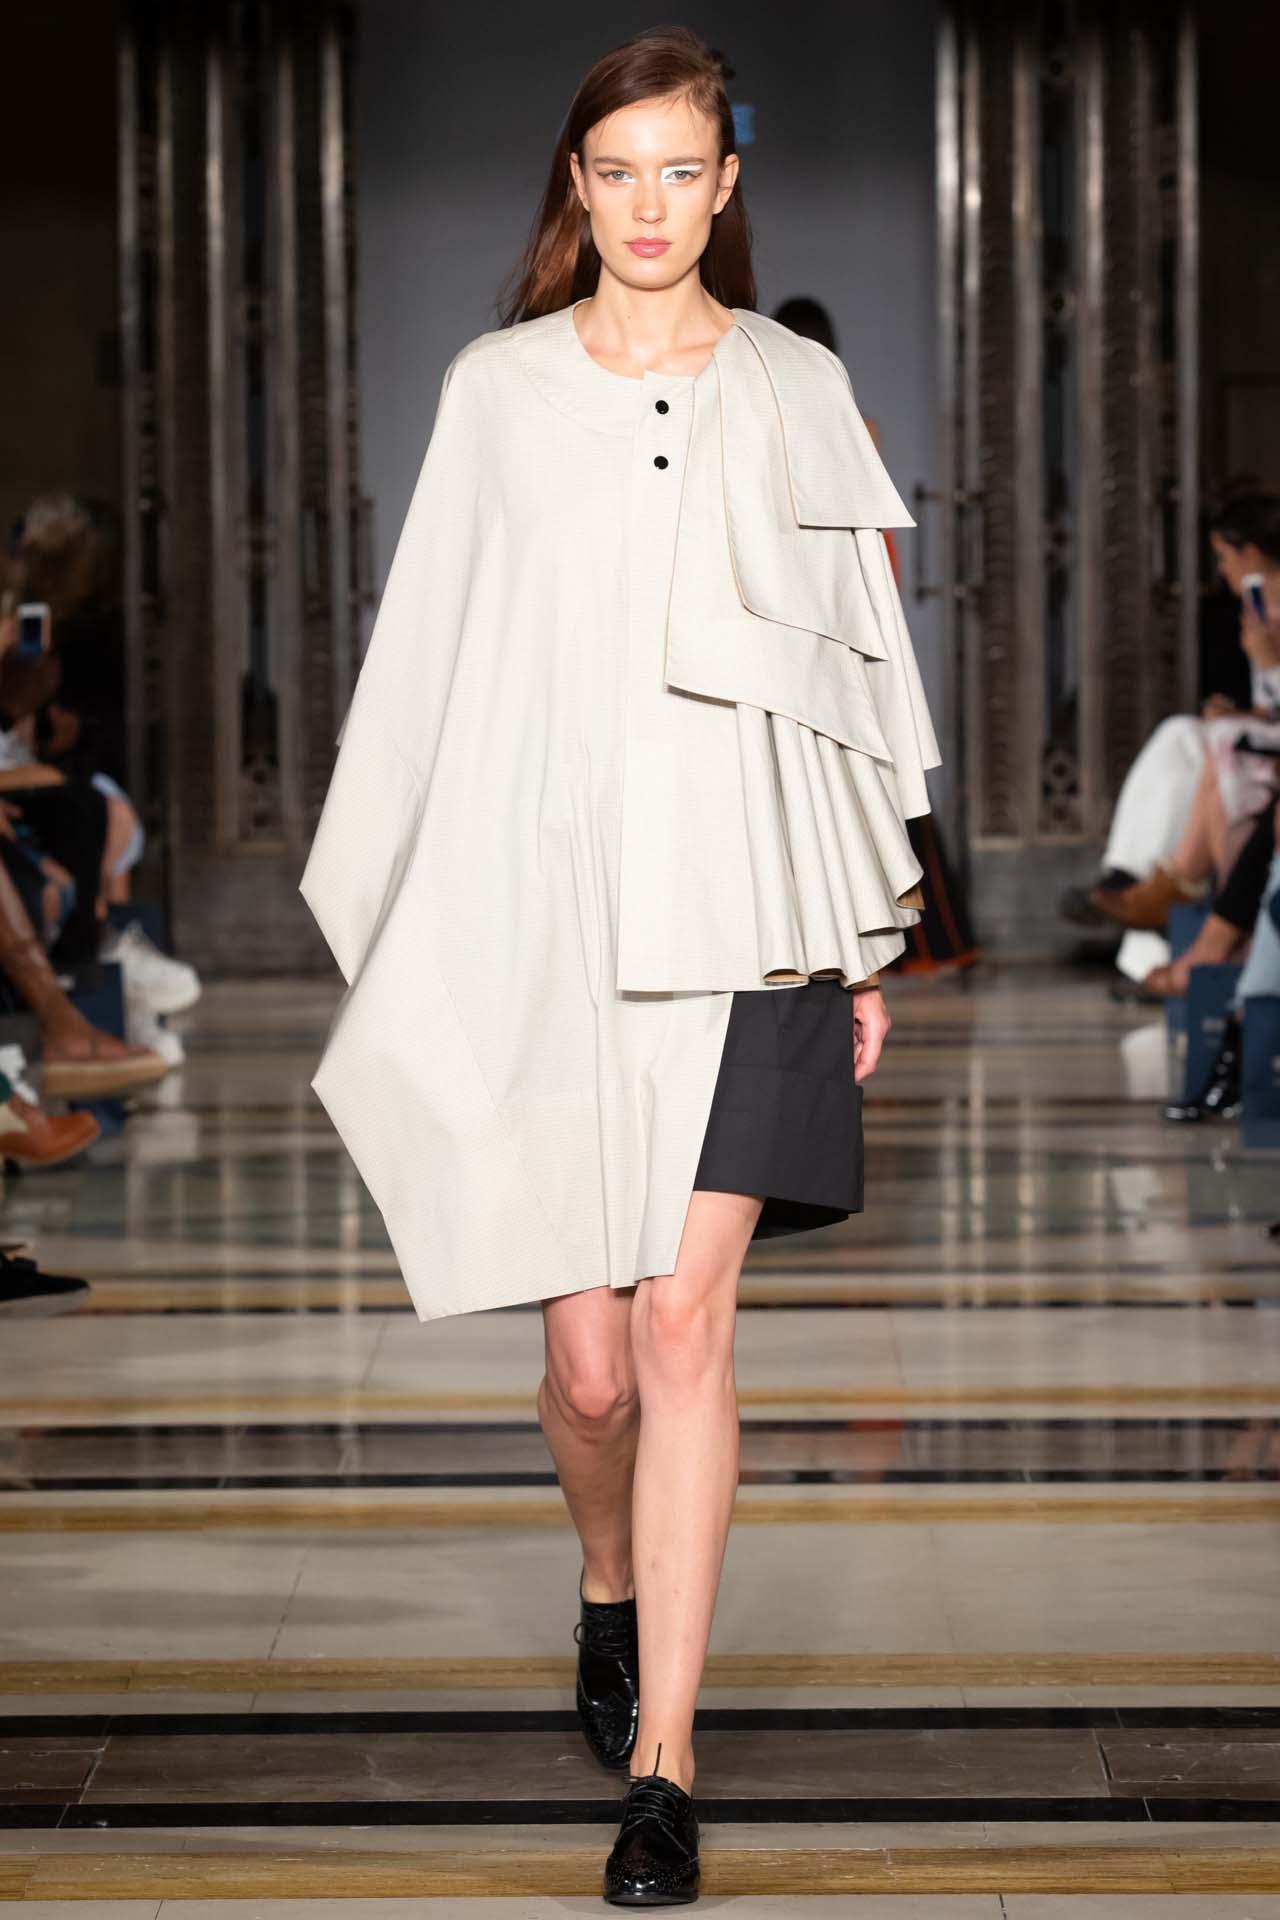 A jane lfw fashion scout (6)